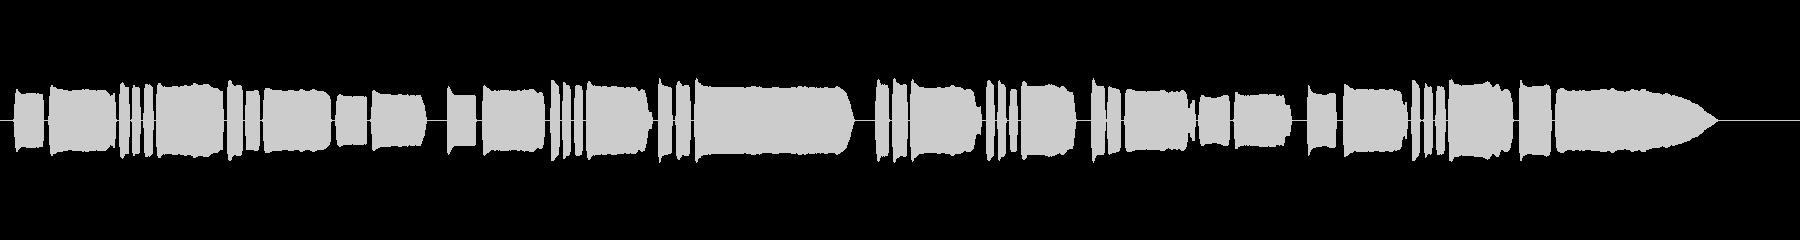 『アメイジンググレイス』リコーダー演奏の未再生の波形